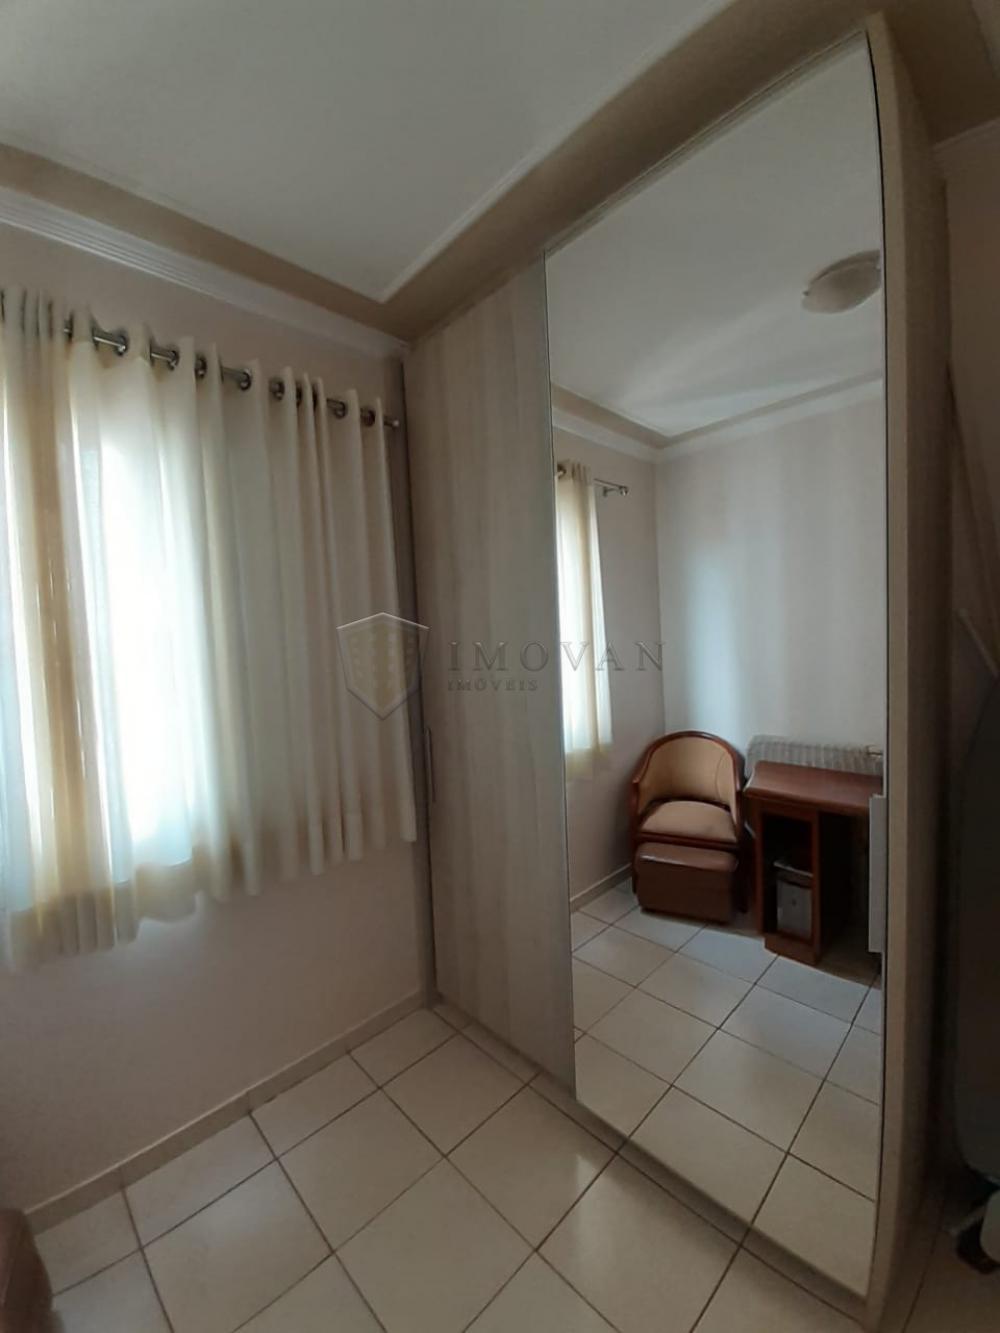 Comprar Apartamento / Padrão em Ribeirão Preto apenas R$ 460.000,00 - Foto 7